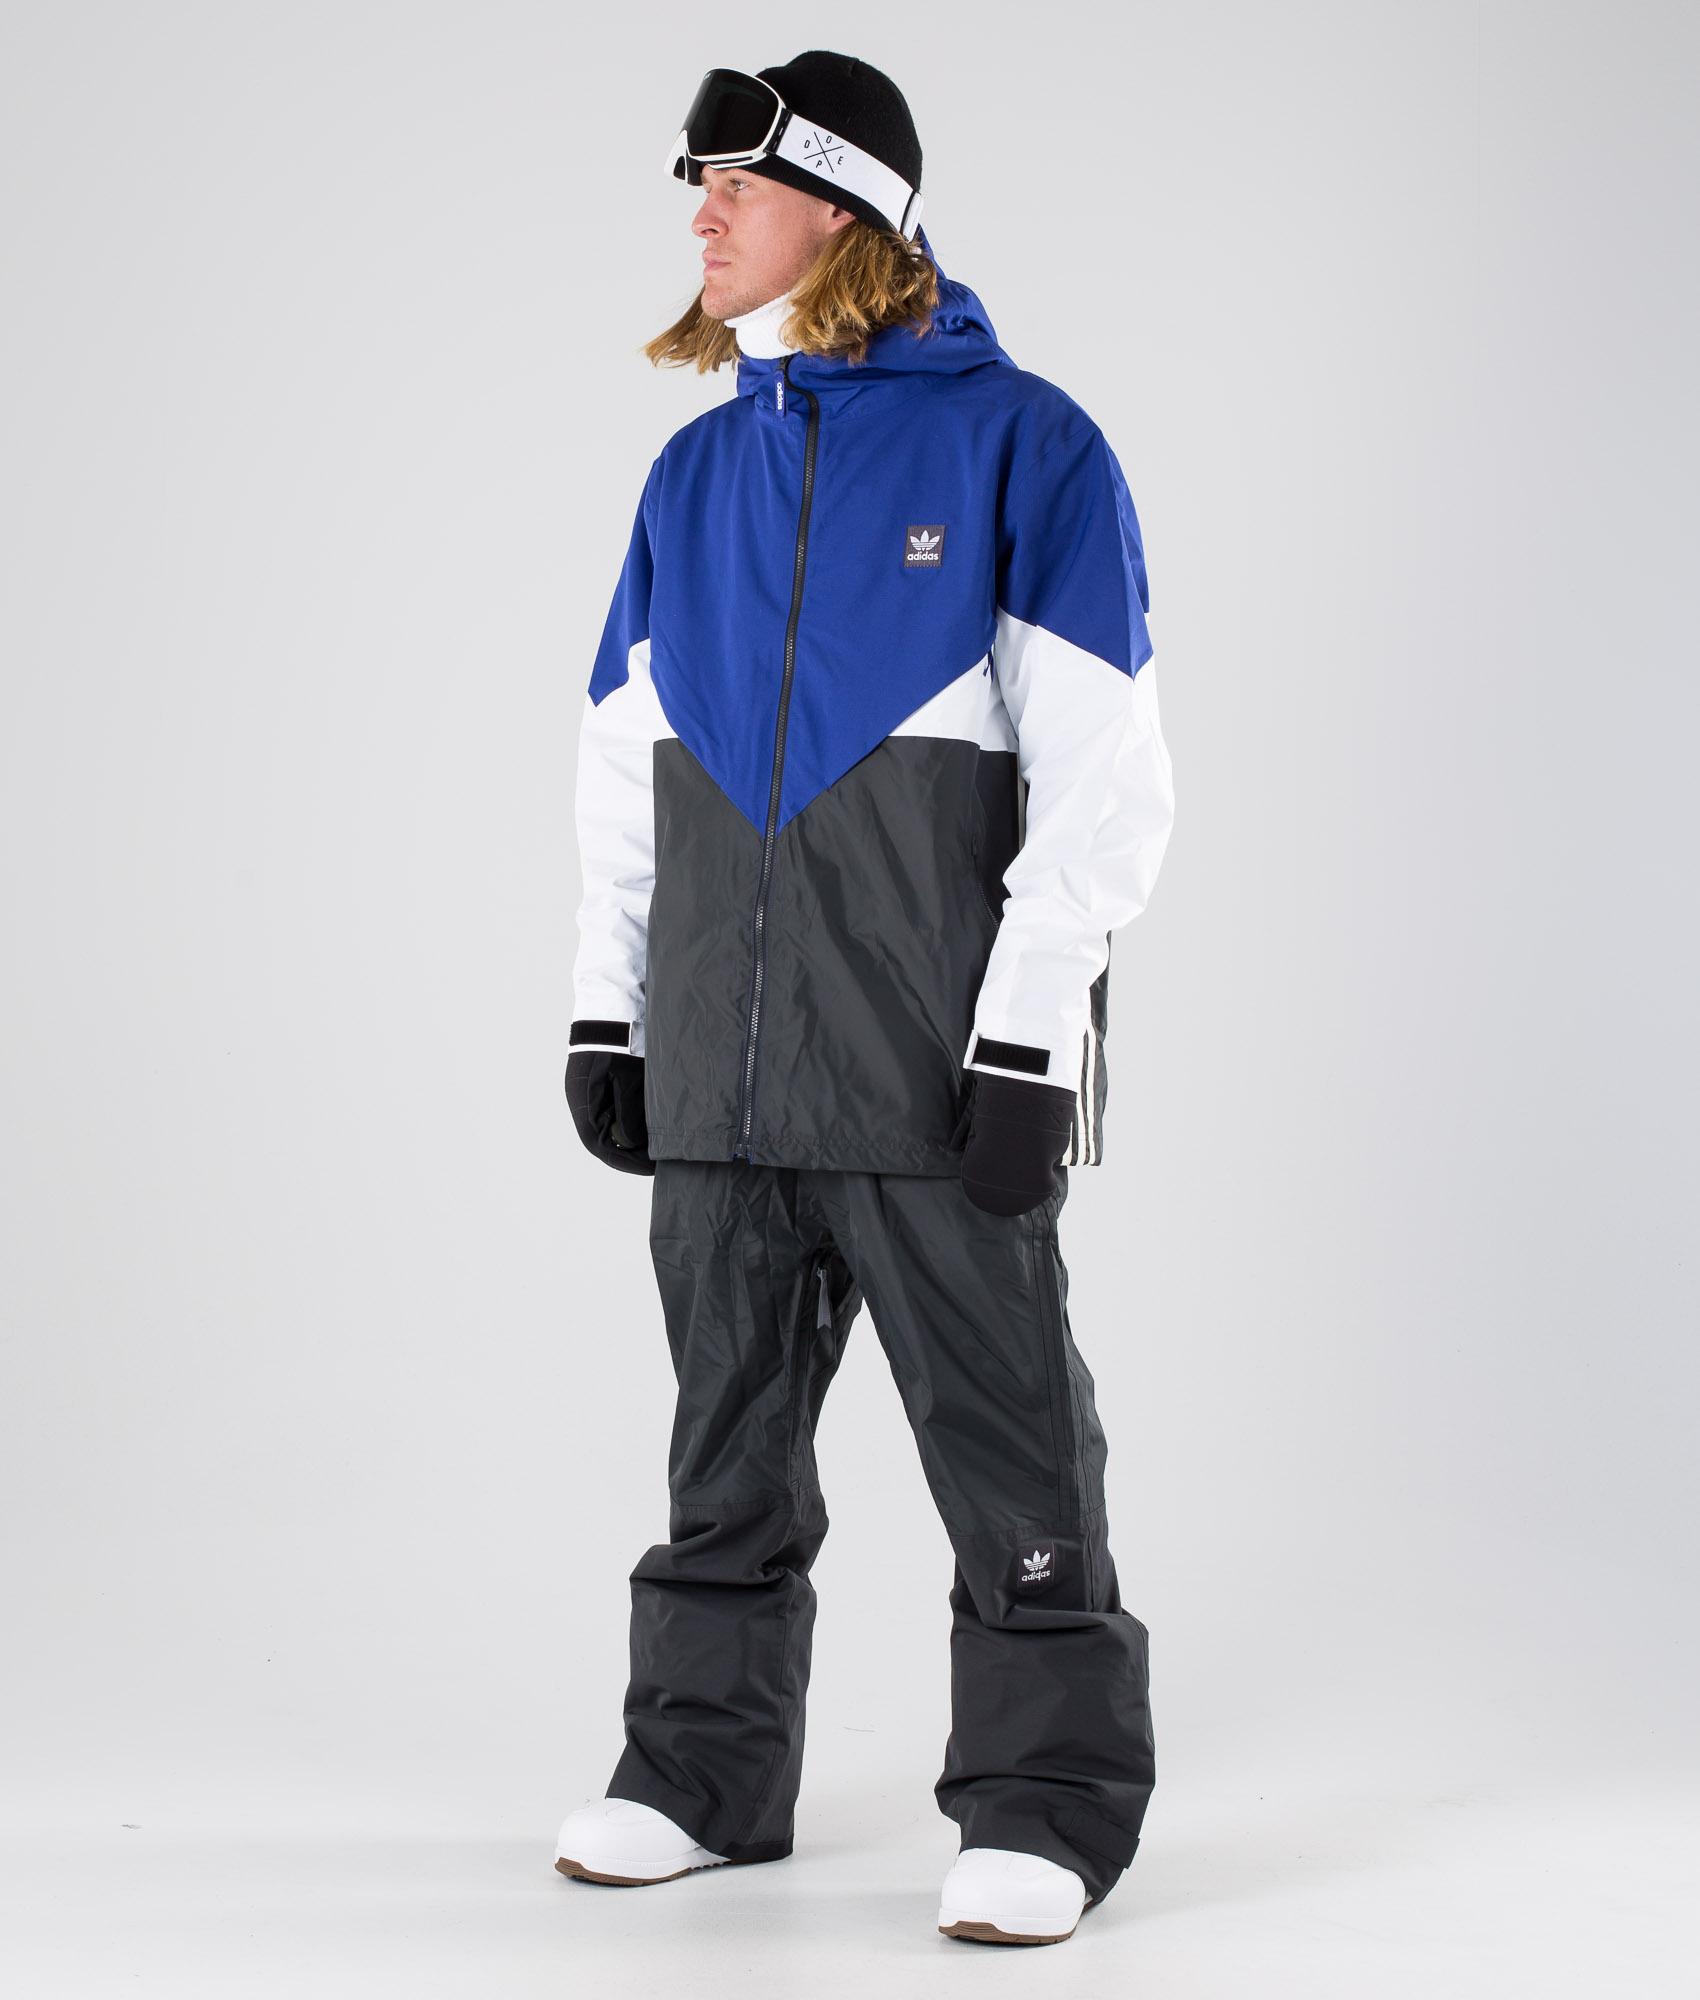 Adidas Snowboarding | Premier Riding de chez Veste Carbon